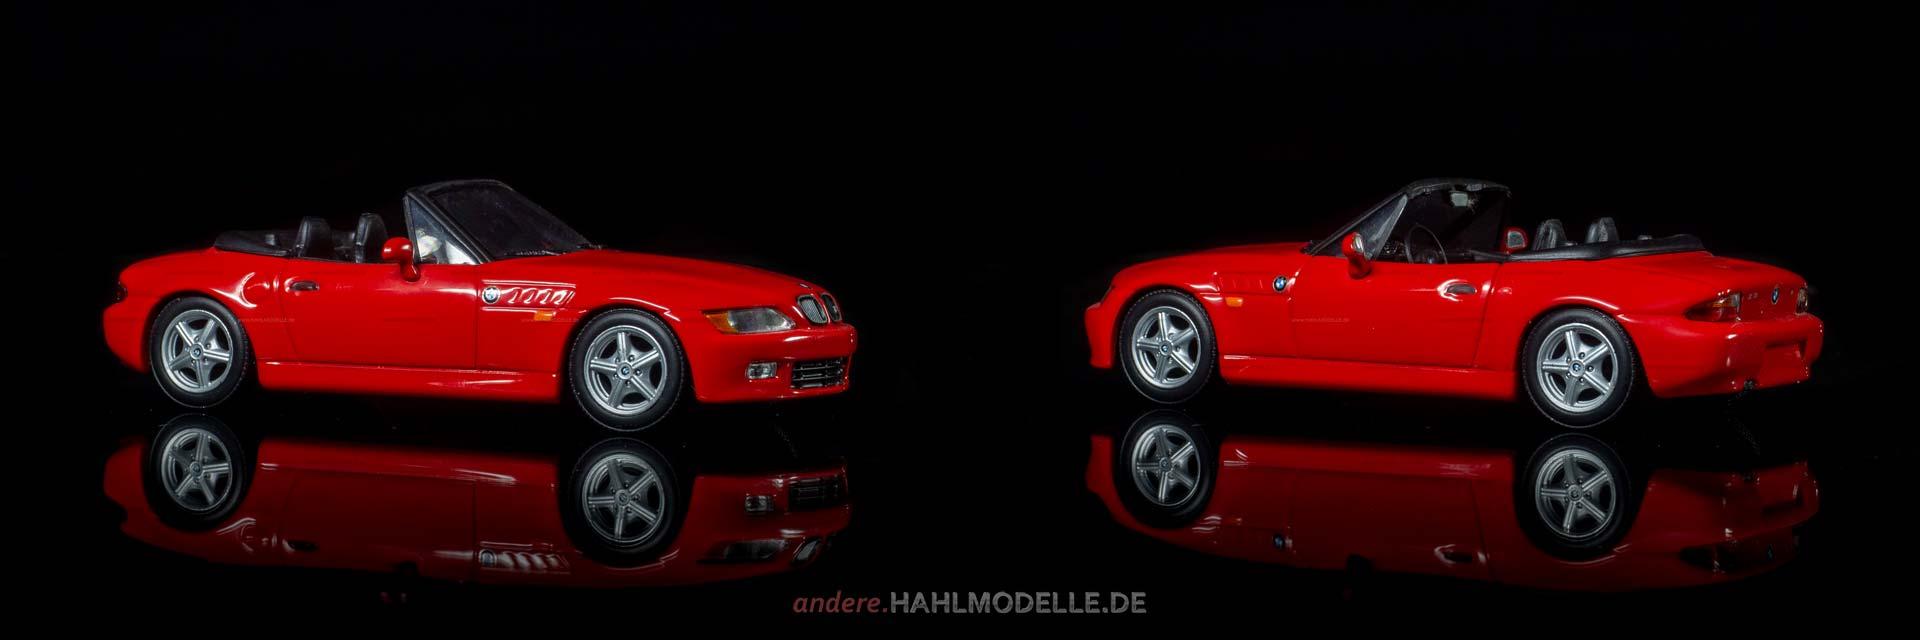 BMW Z3 (E36/7) | Roadster | Minichamps | www.andere.hahlmodelle.de